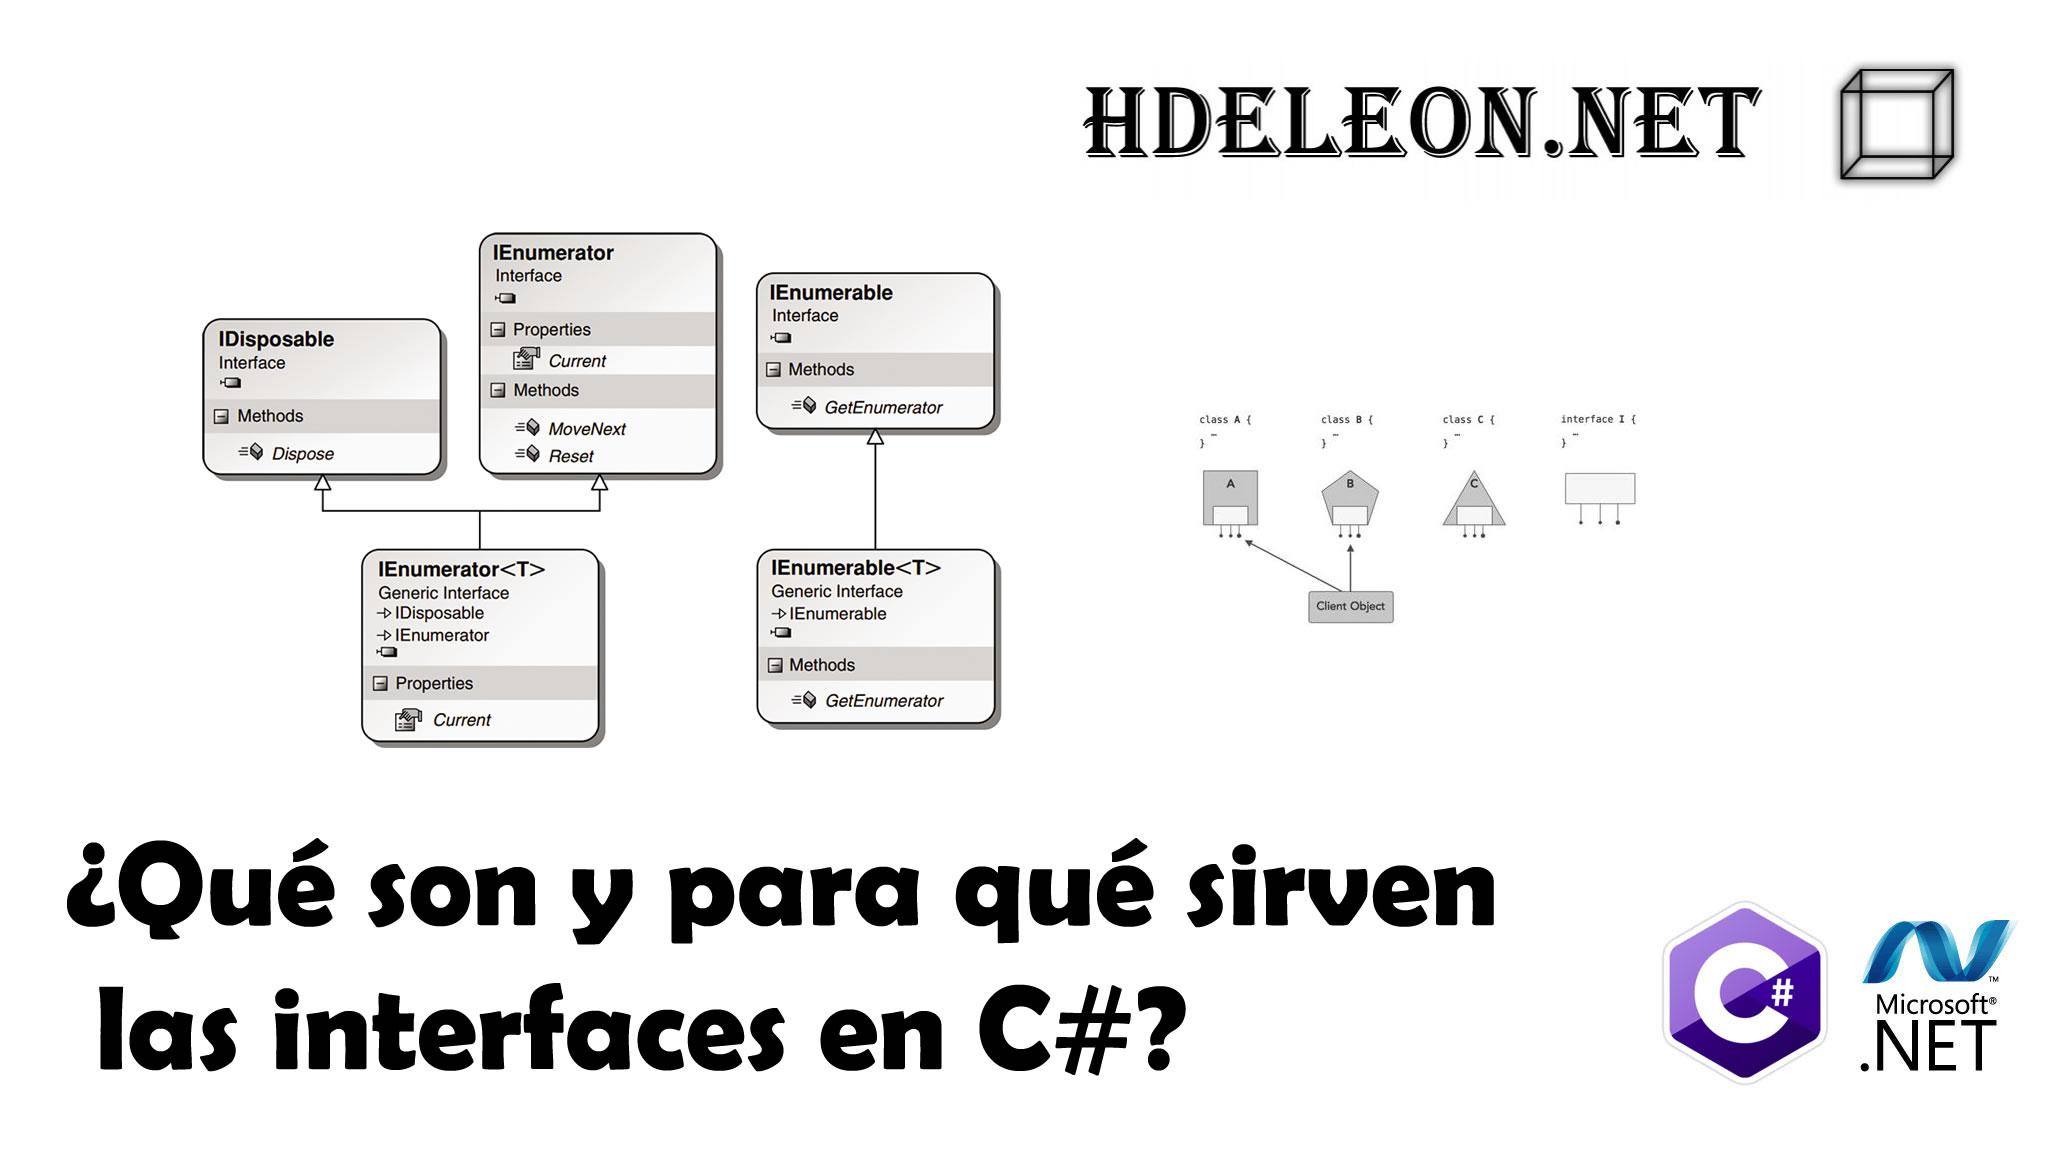 ¿Qué son y para qué sirven las interfaces en C#?, Programación Orientada a Objetos